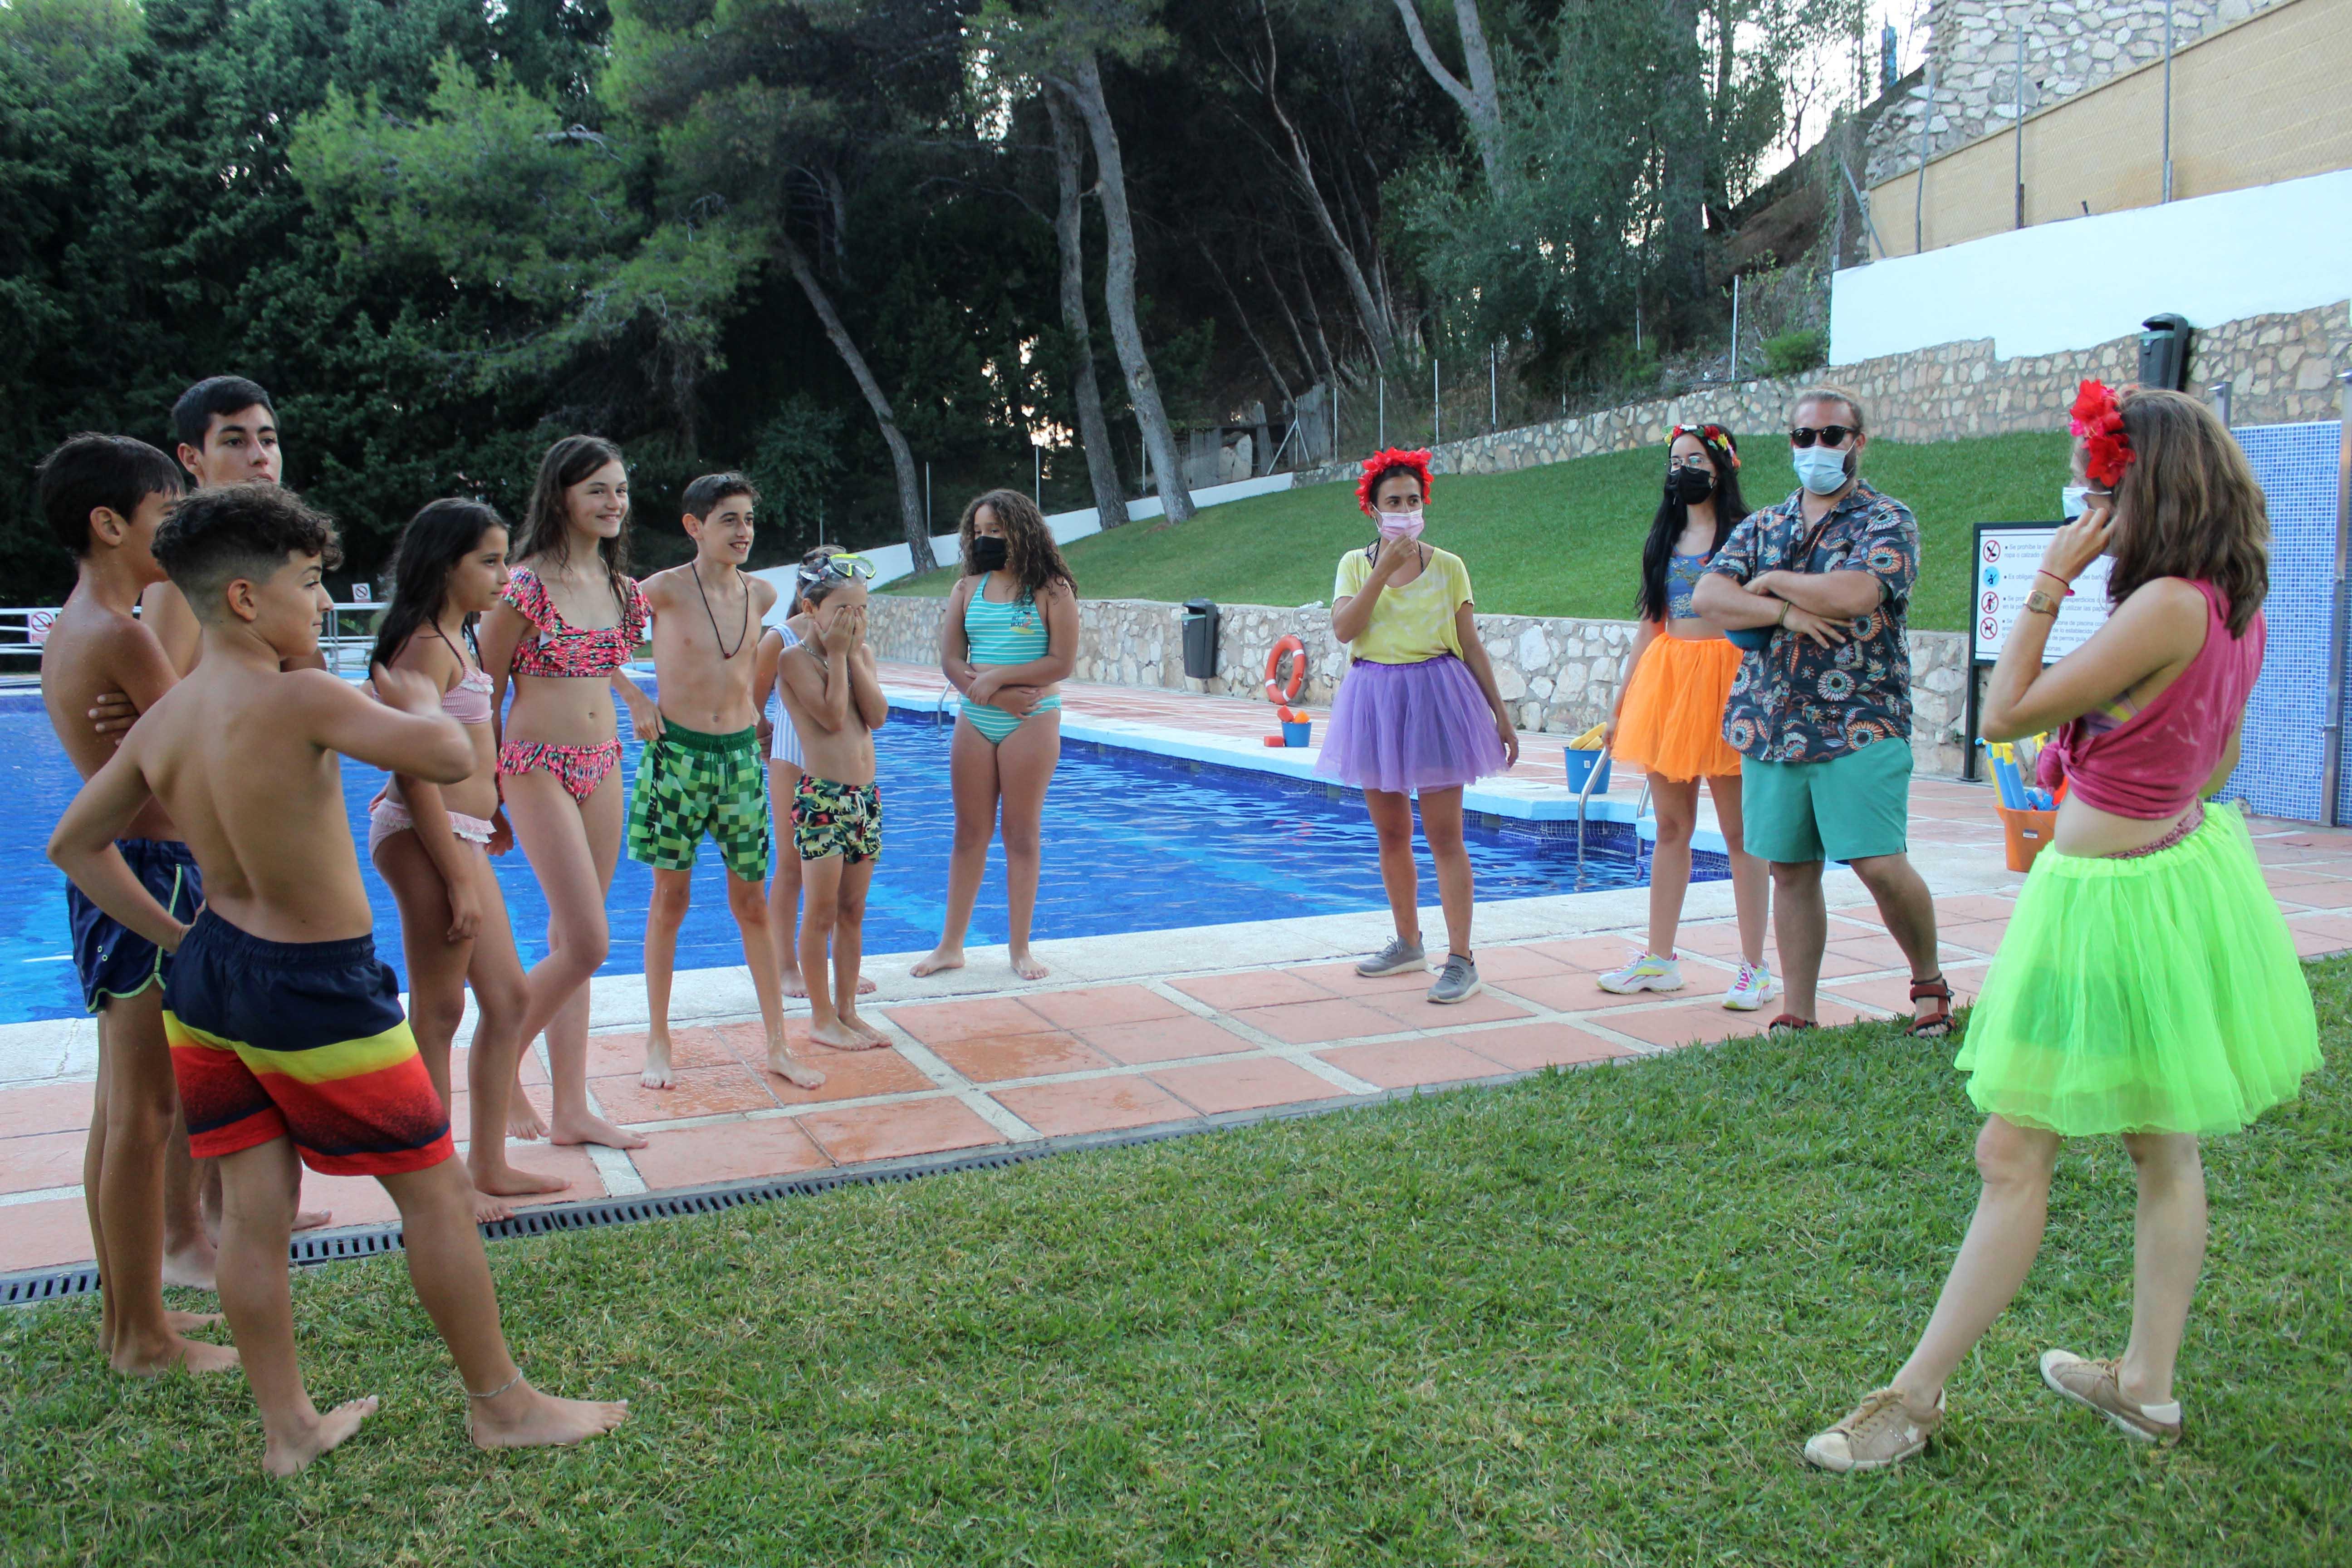 Continúan las fiestas temáticas de Juventud en la piscina municipal de Osunillas